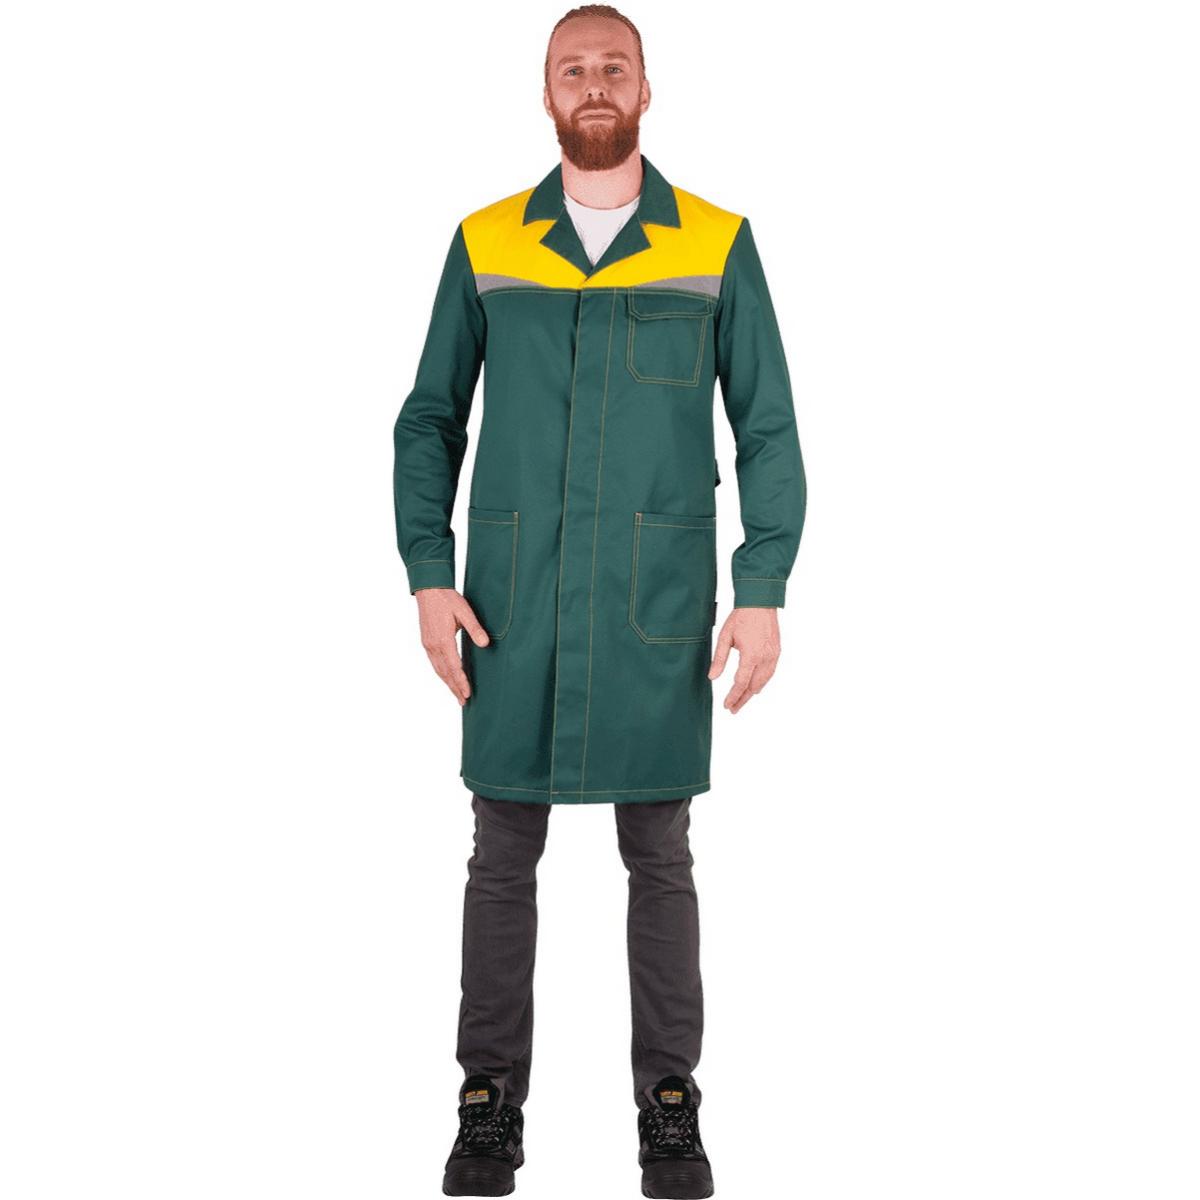 Халат КМ-10 ЛЮКС зеленый-жёлтый (разм. 88-92 рост 170-176)